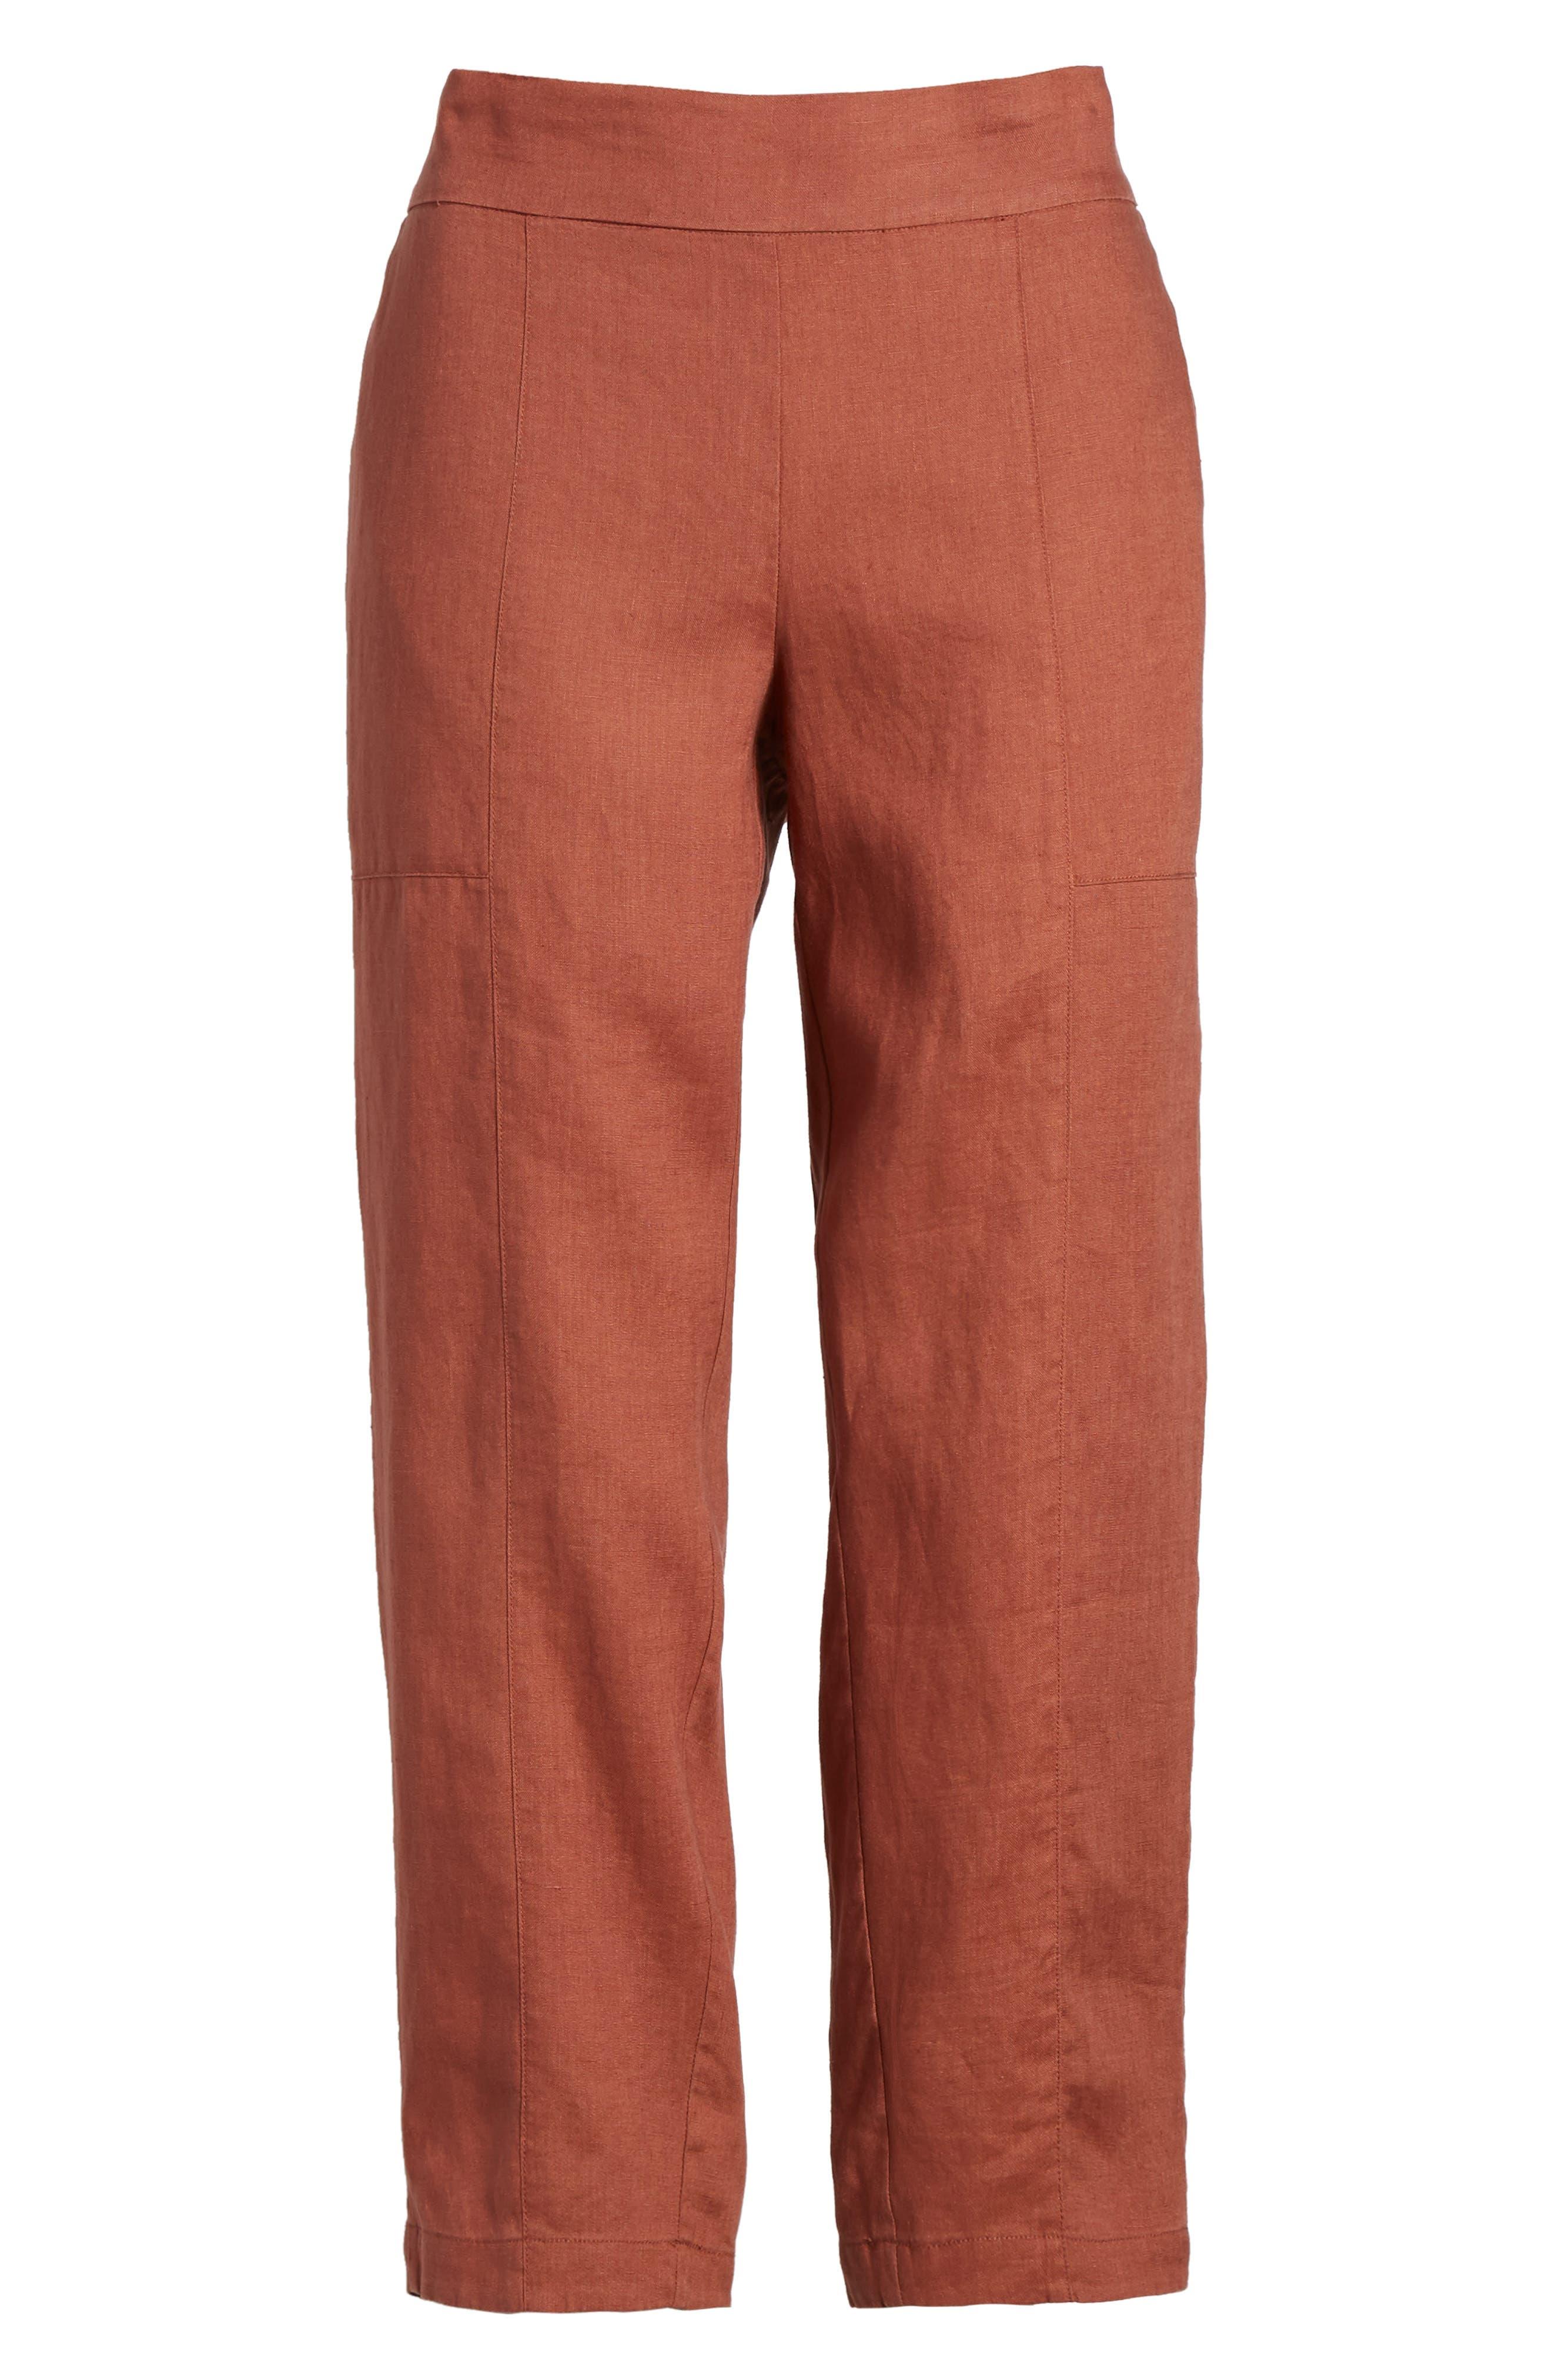 Organic Linen Crop Pants,                             Alternate thumbnail 7, color,                             Russet